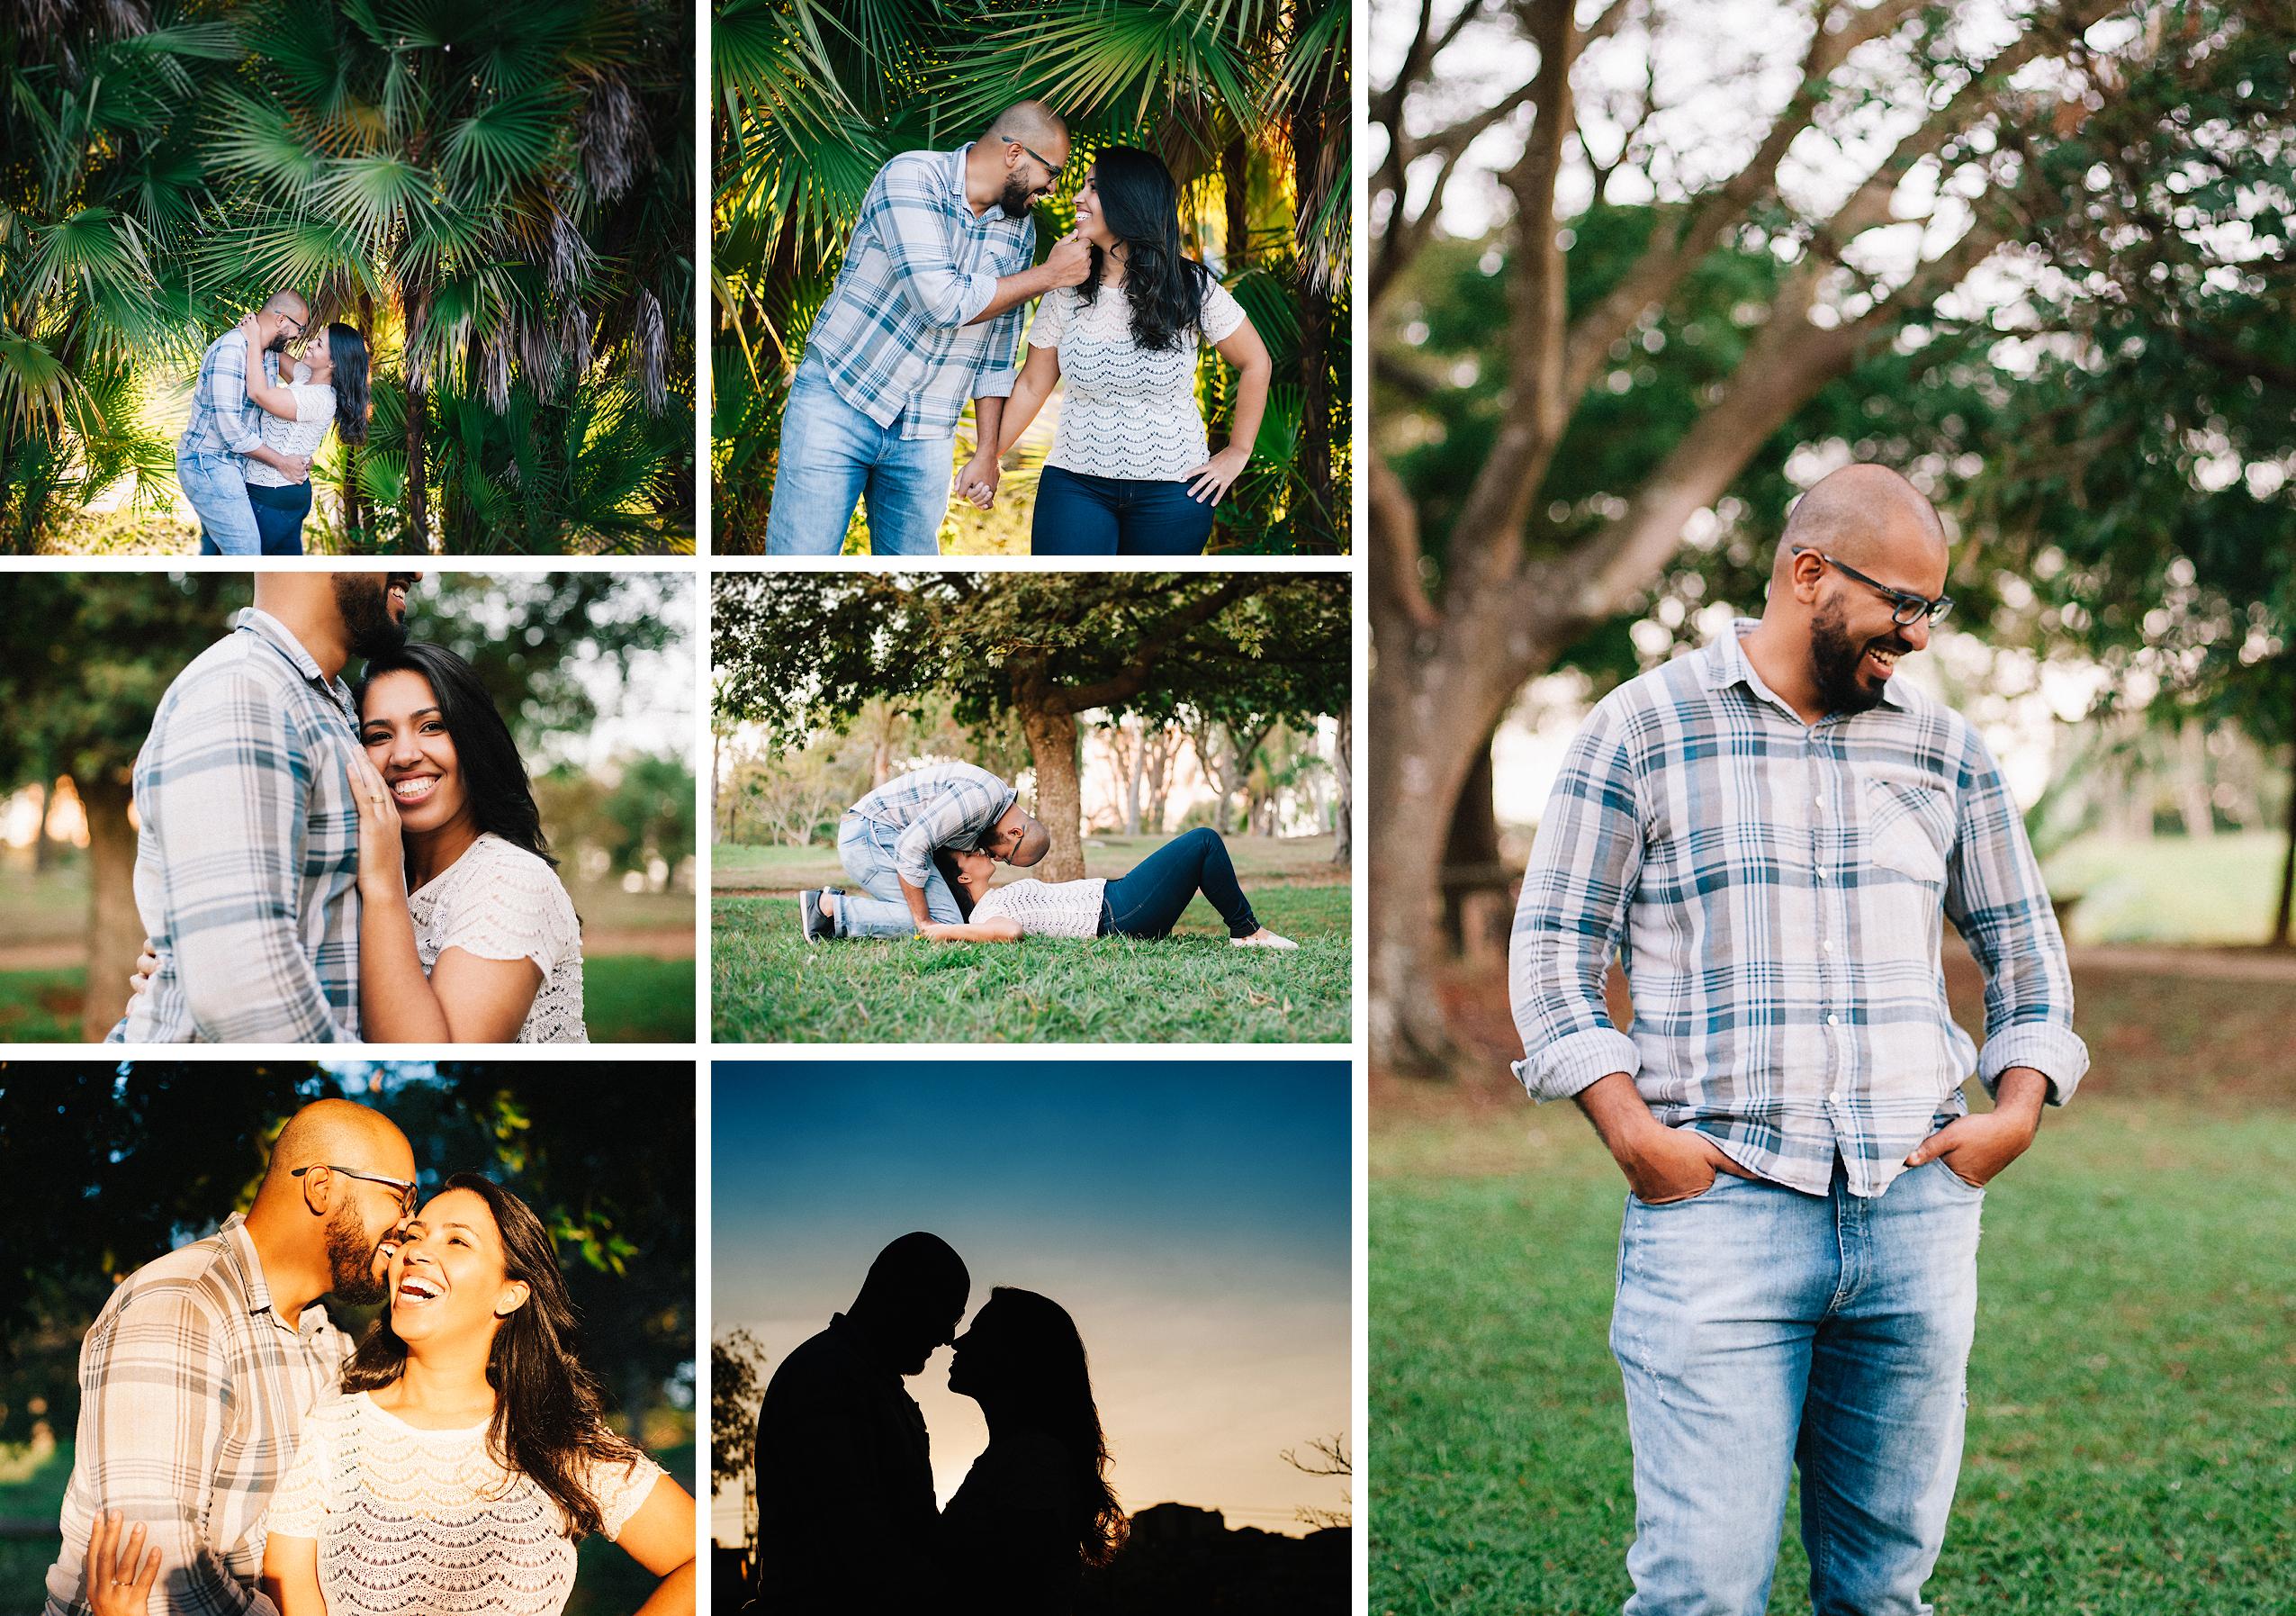 Sobre Fotógrafo de casamento    Samuel Campos Fotografia   Fotografia Documental   Fotos de casamento São Paulo SP,ABC,RJ,MG,DF, Brasil